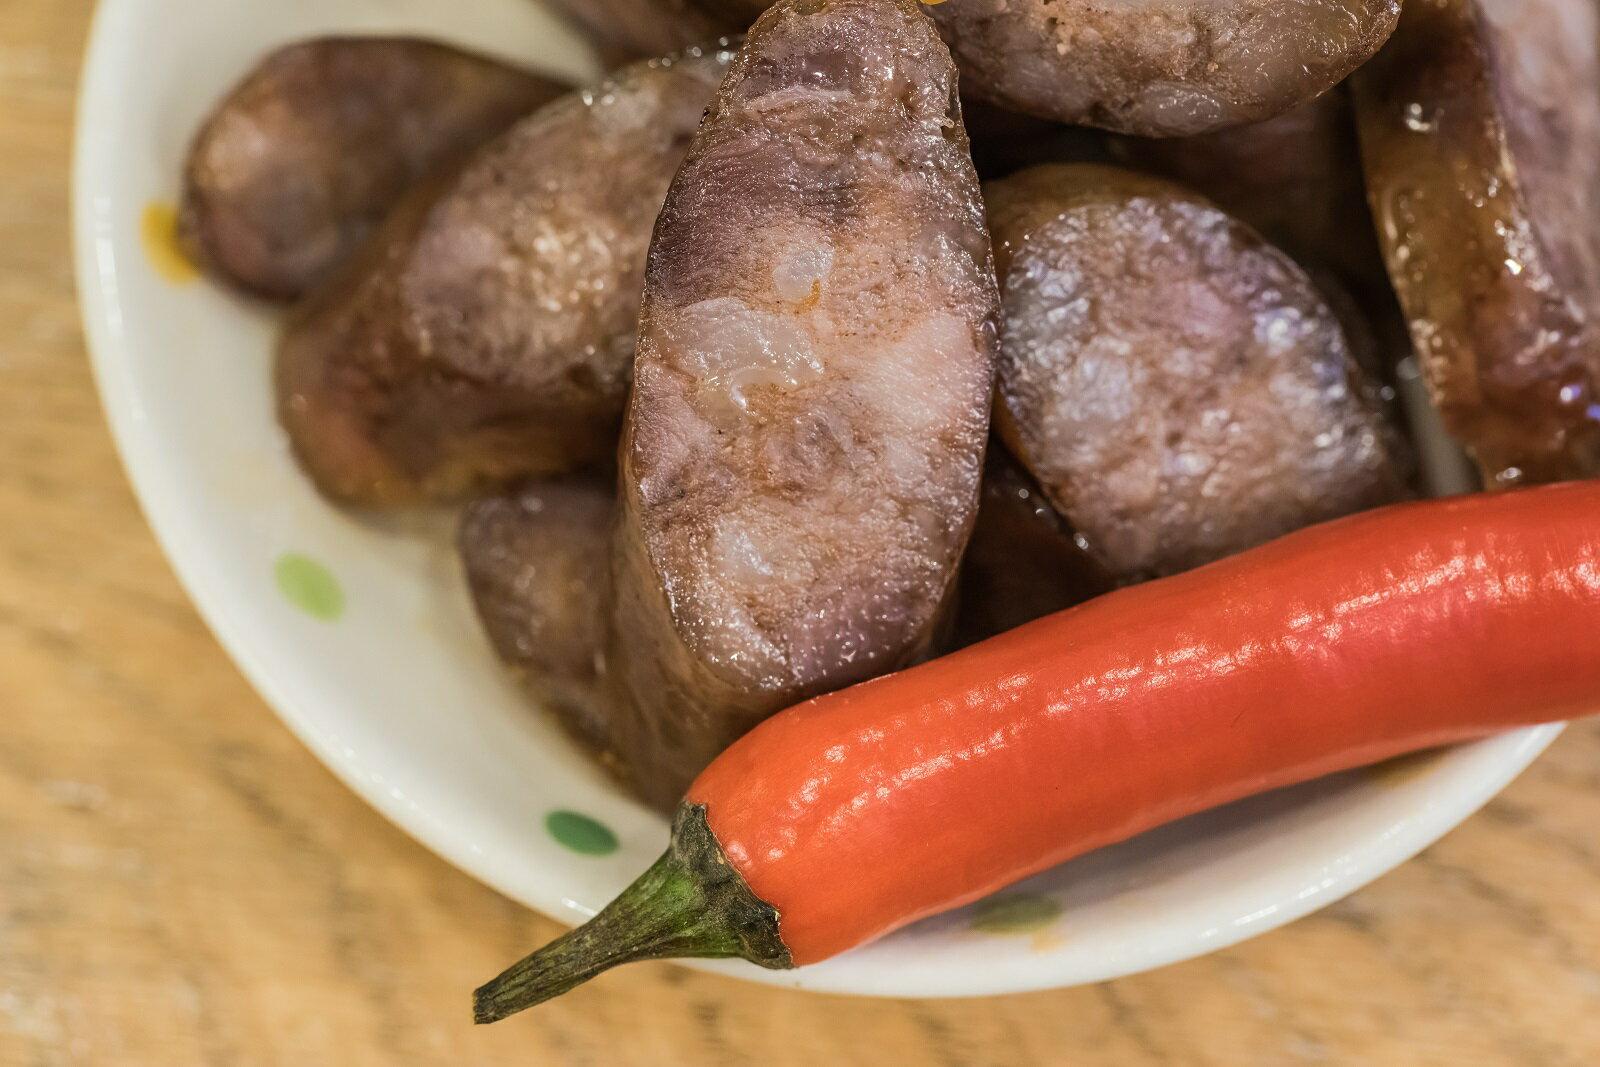 <br/><br/> 27號辣味香腸 烤肉首選 伴手禮-每台斤2包(約600克) ± 5%<br/><br/>